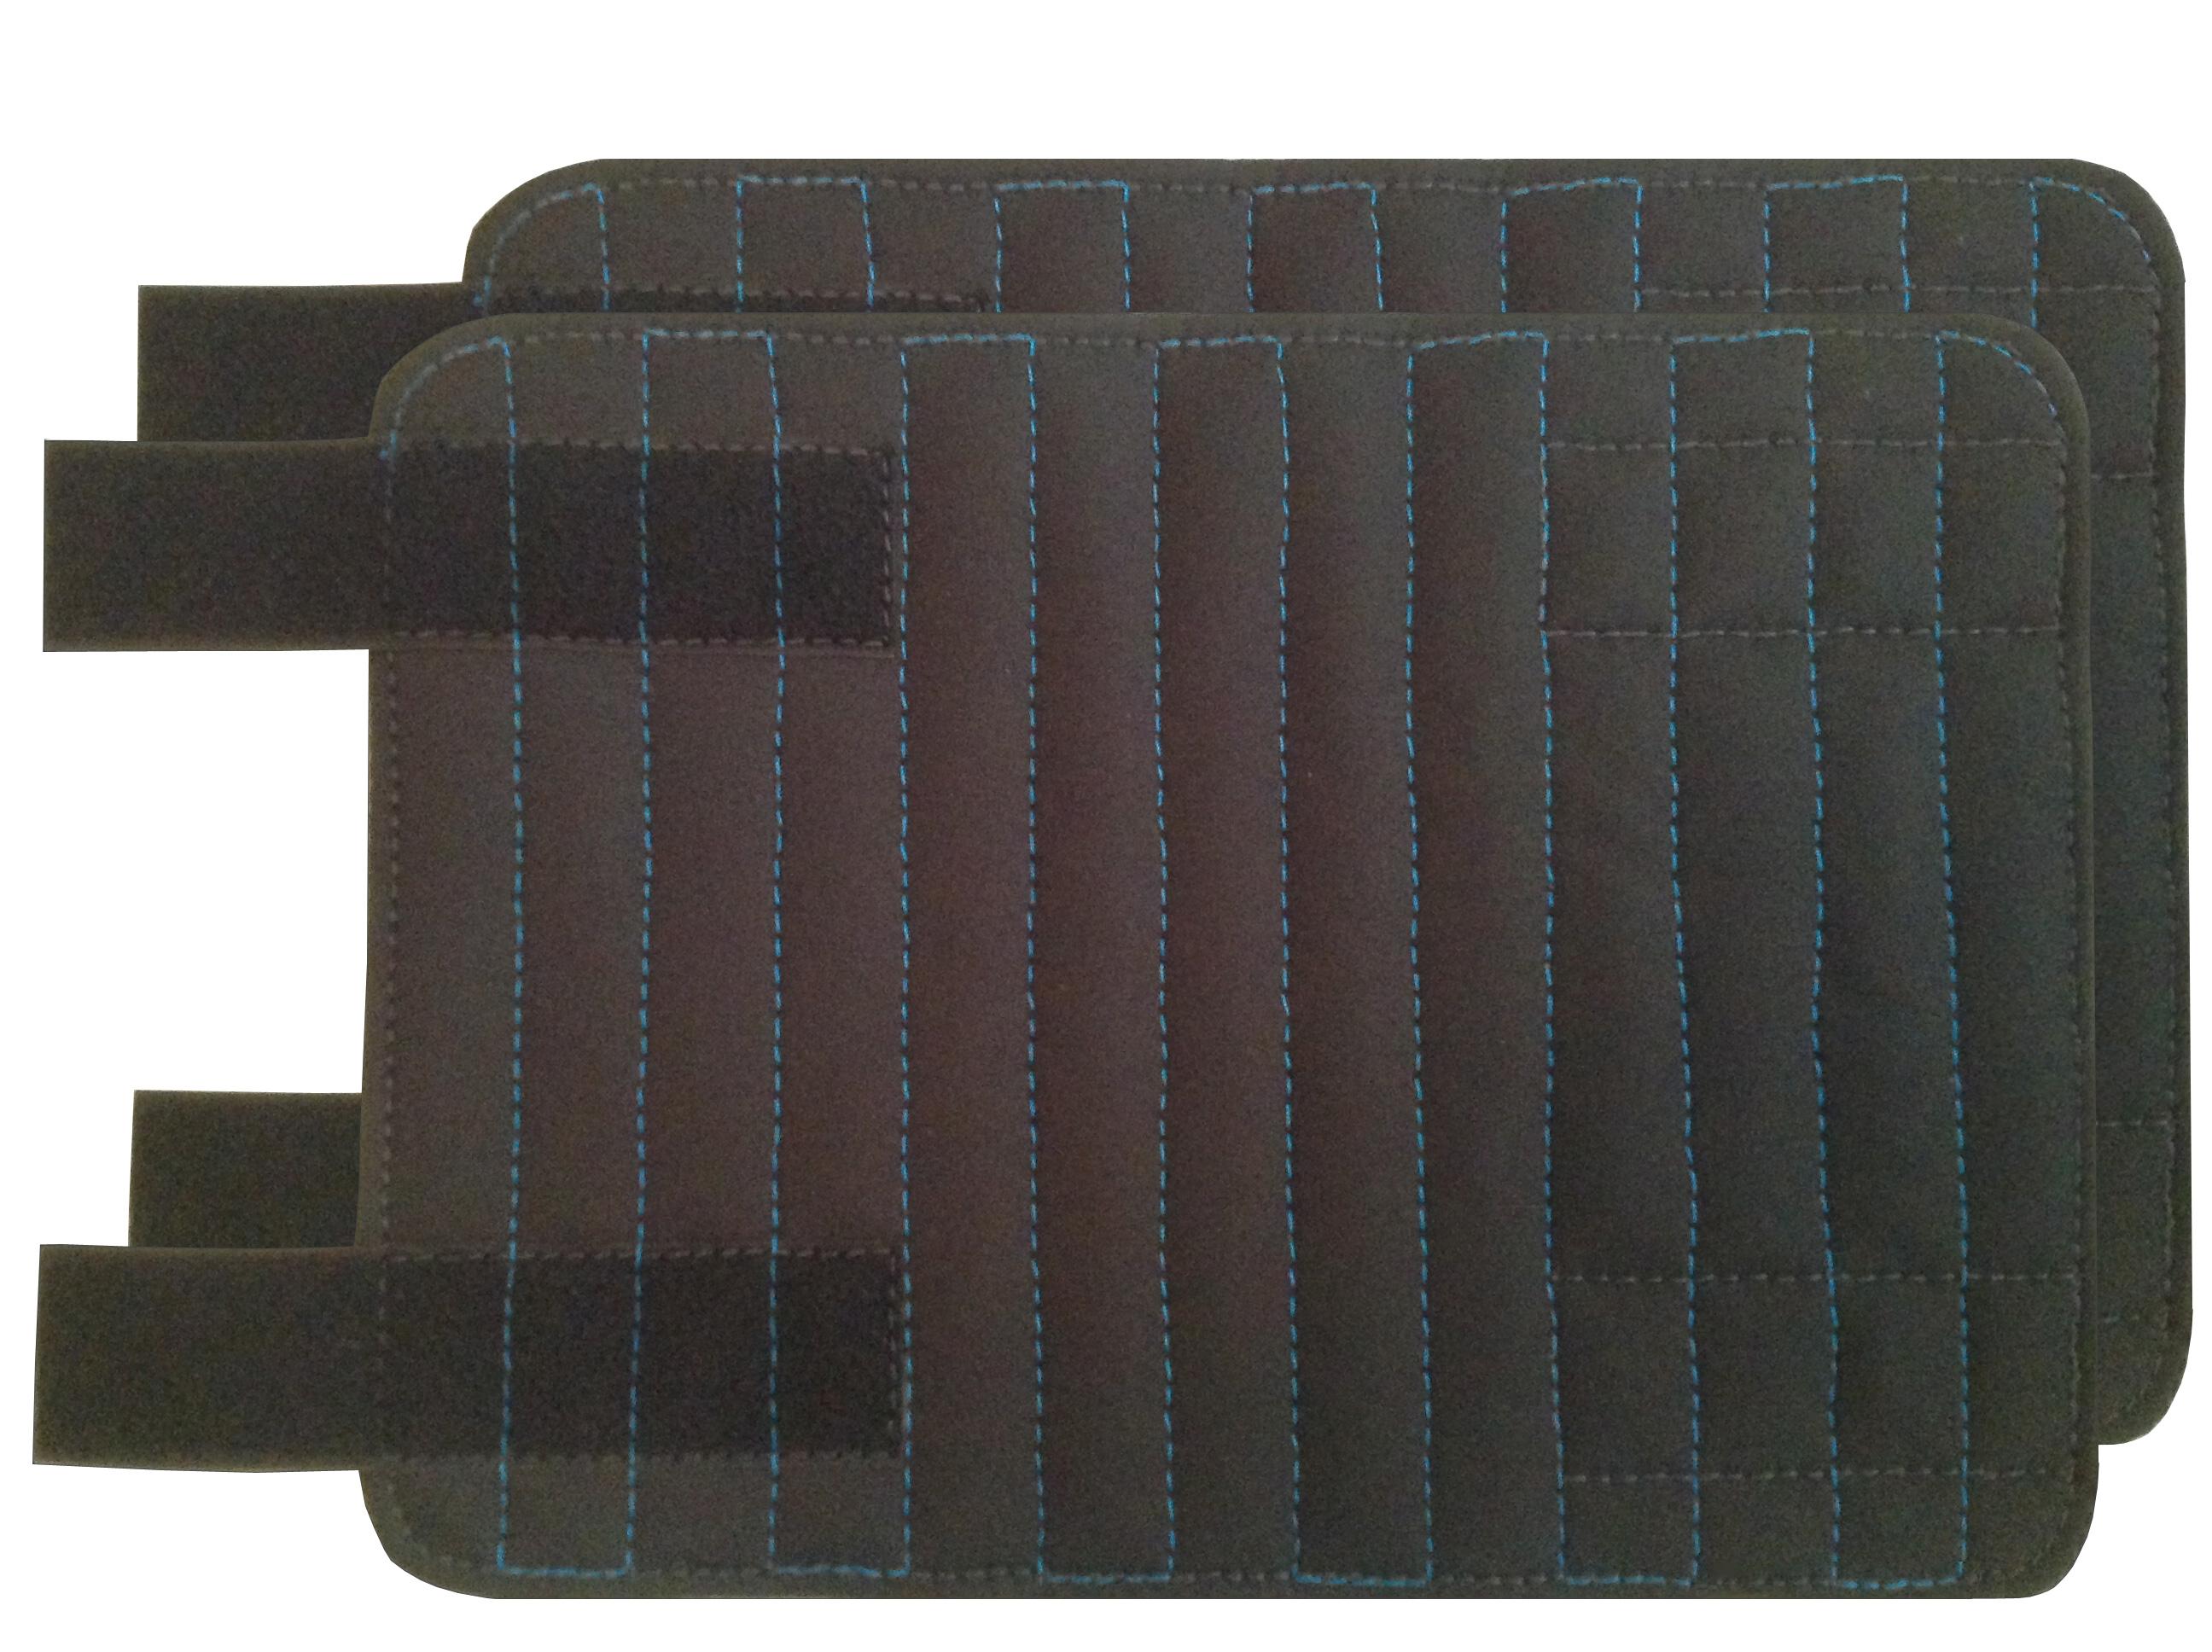 2 Bandagierpads mit Klettverschlüsse